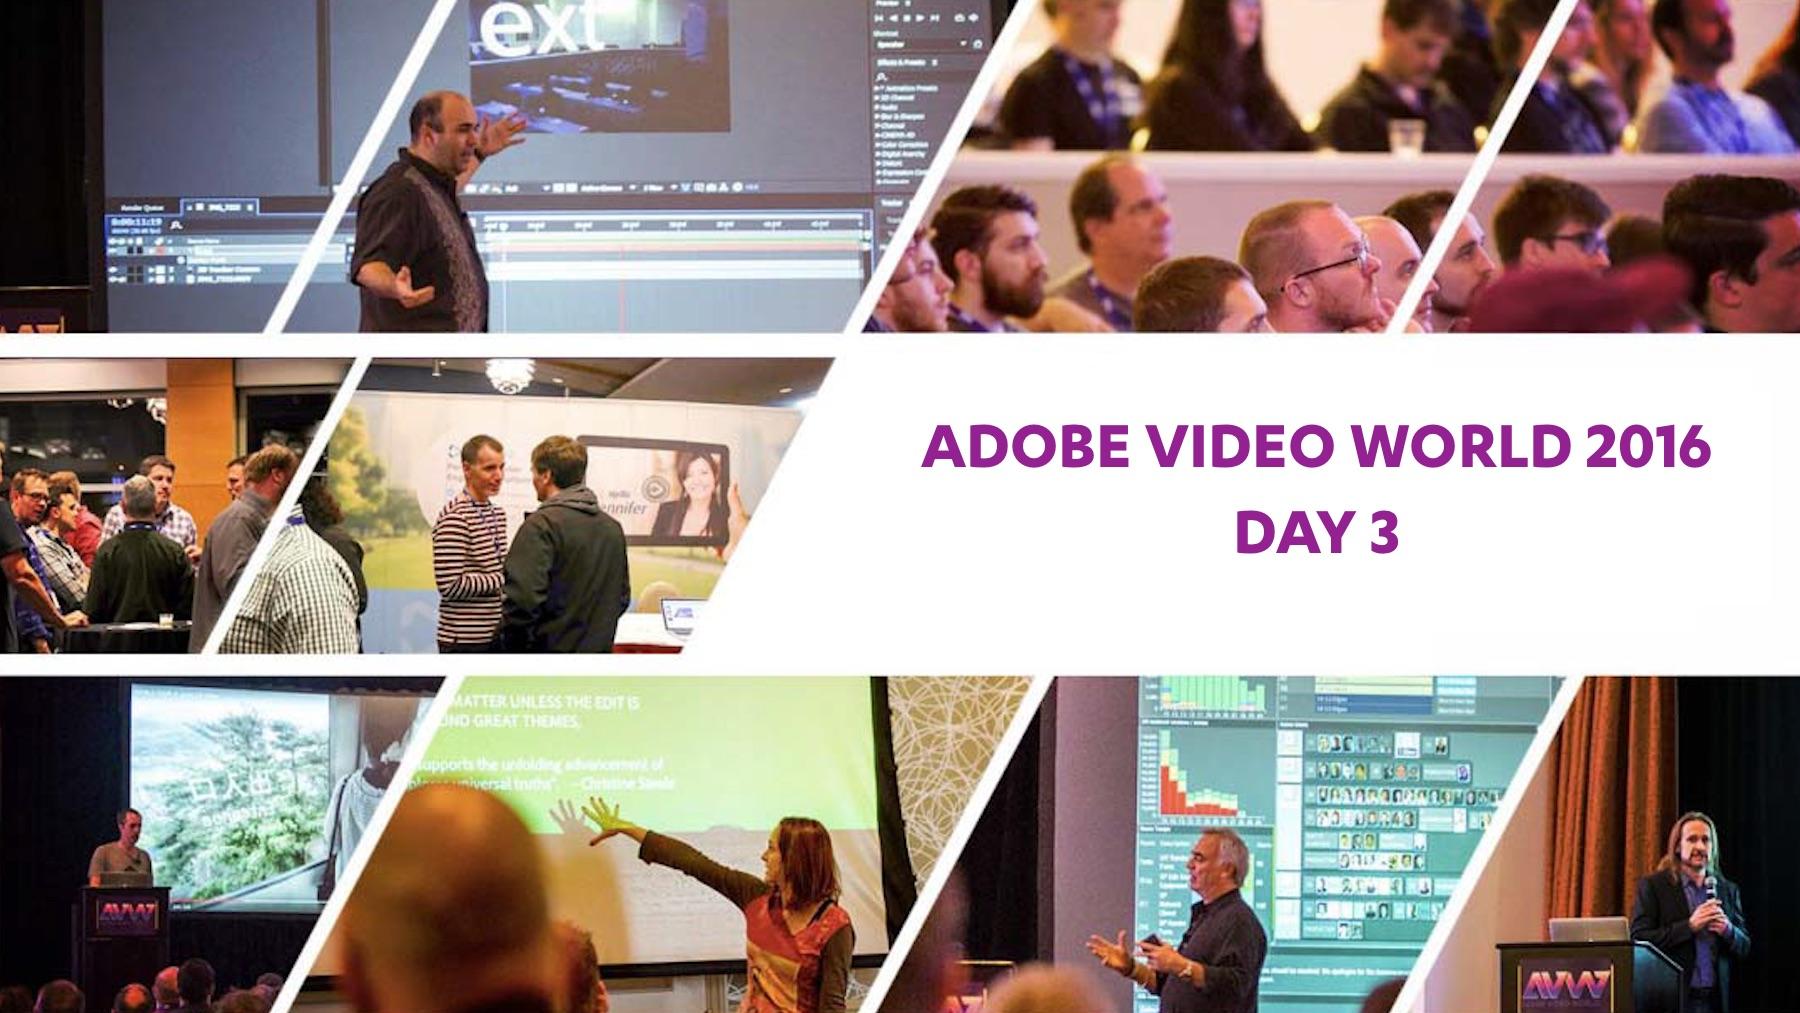 adobe-video-world-2016-day-3